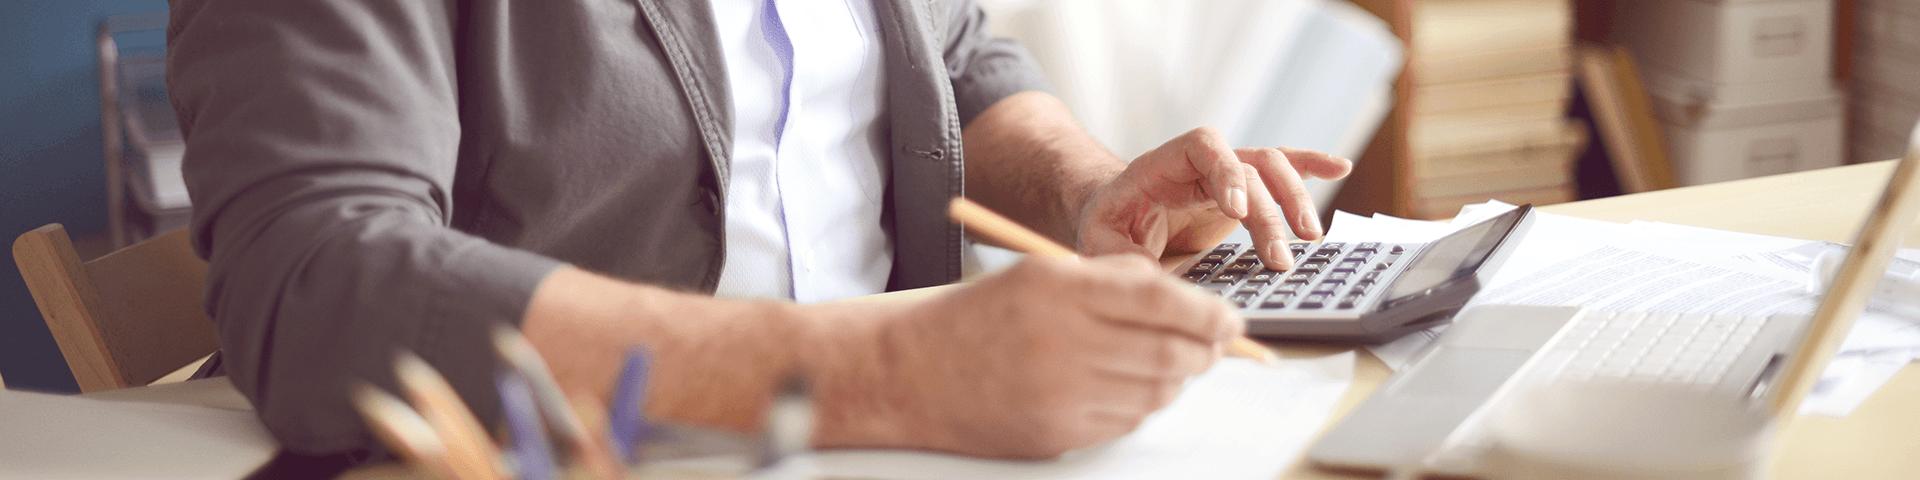 Como declarar precatório no imposto de renda?